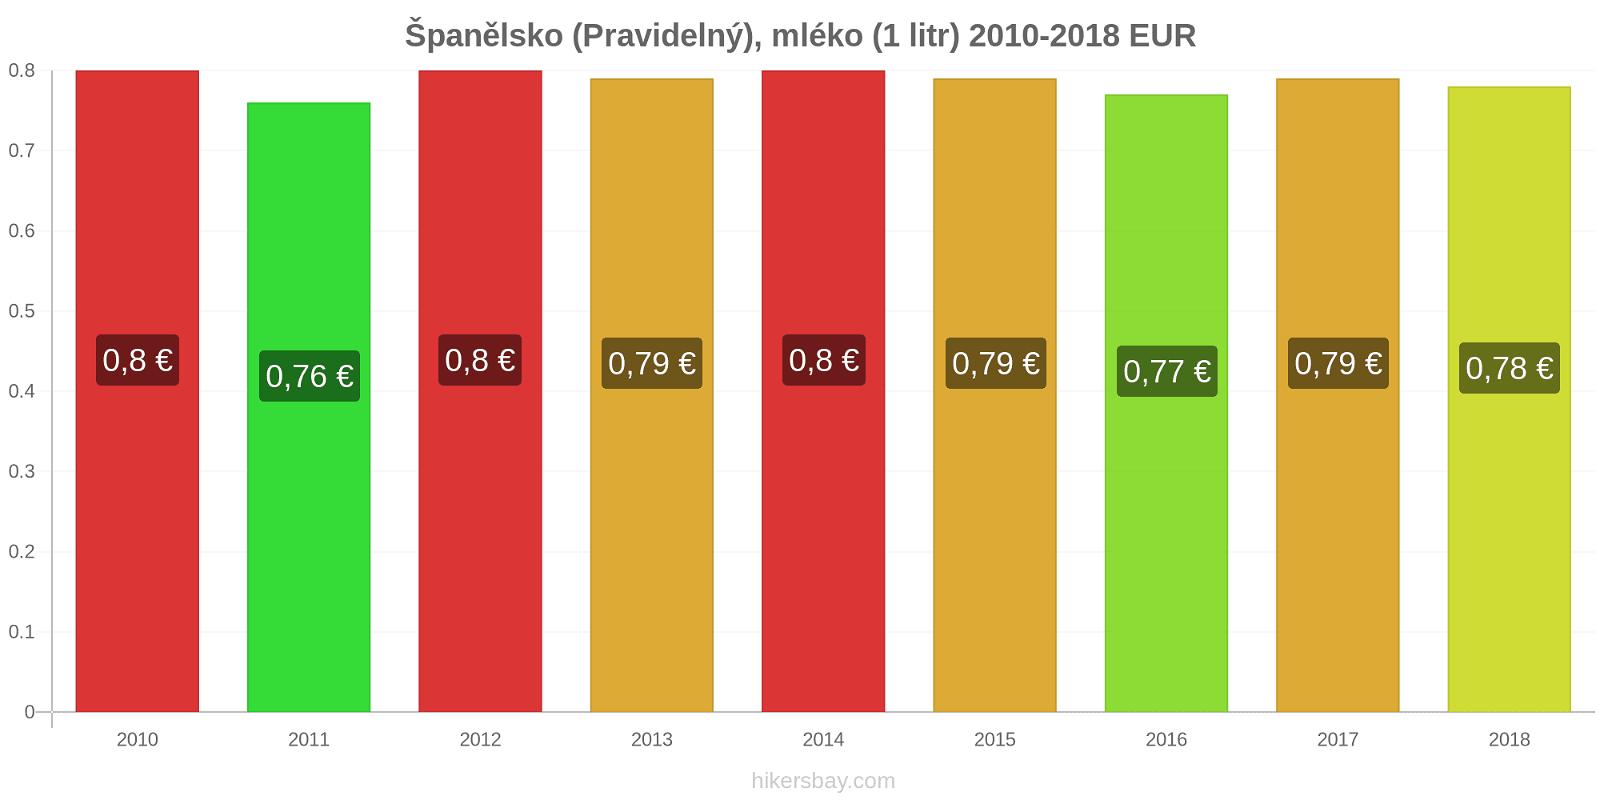 Španělsko změny cen (Pravidelný), mléko (1 litr) hikersbay.com